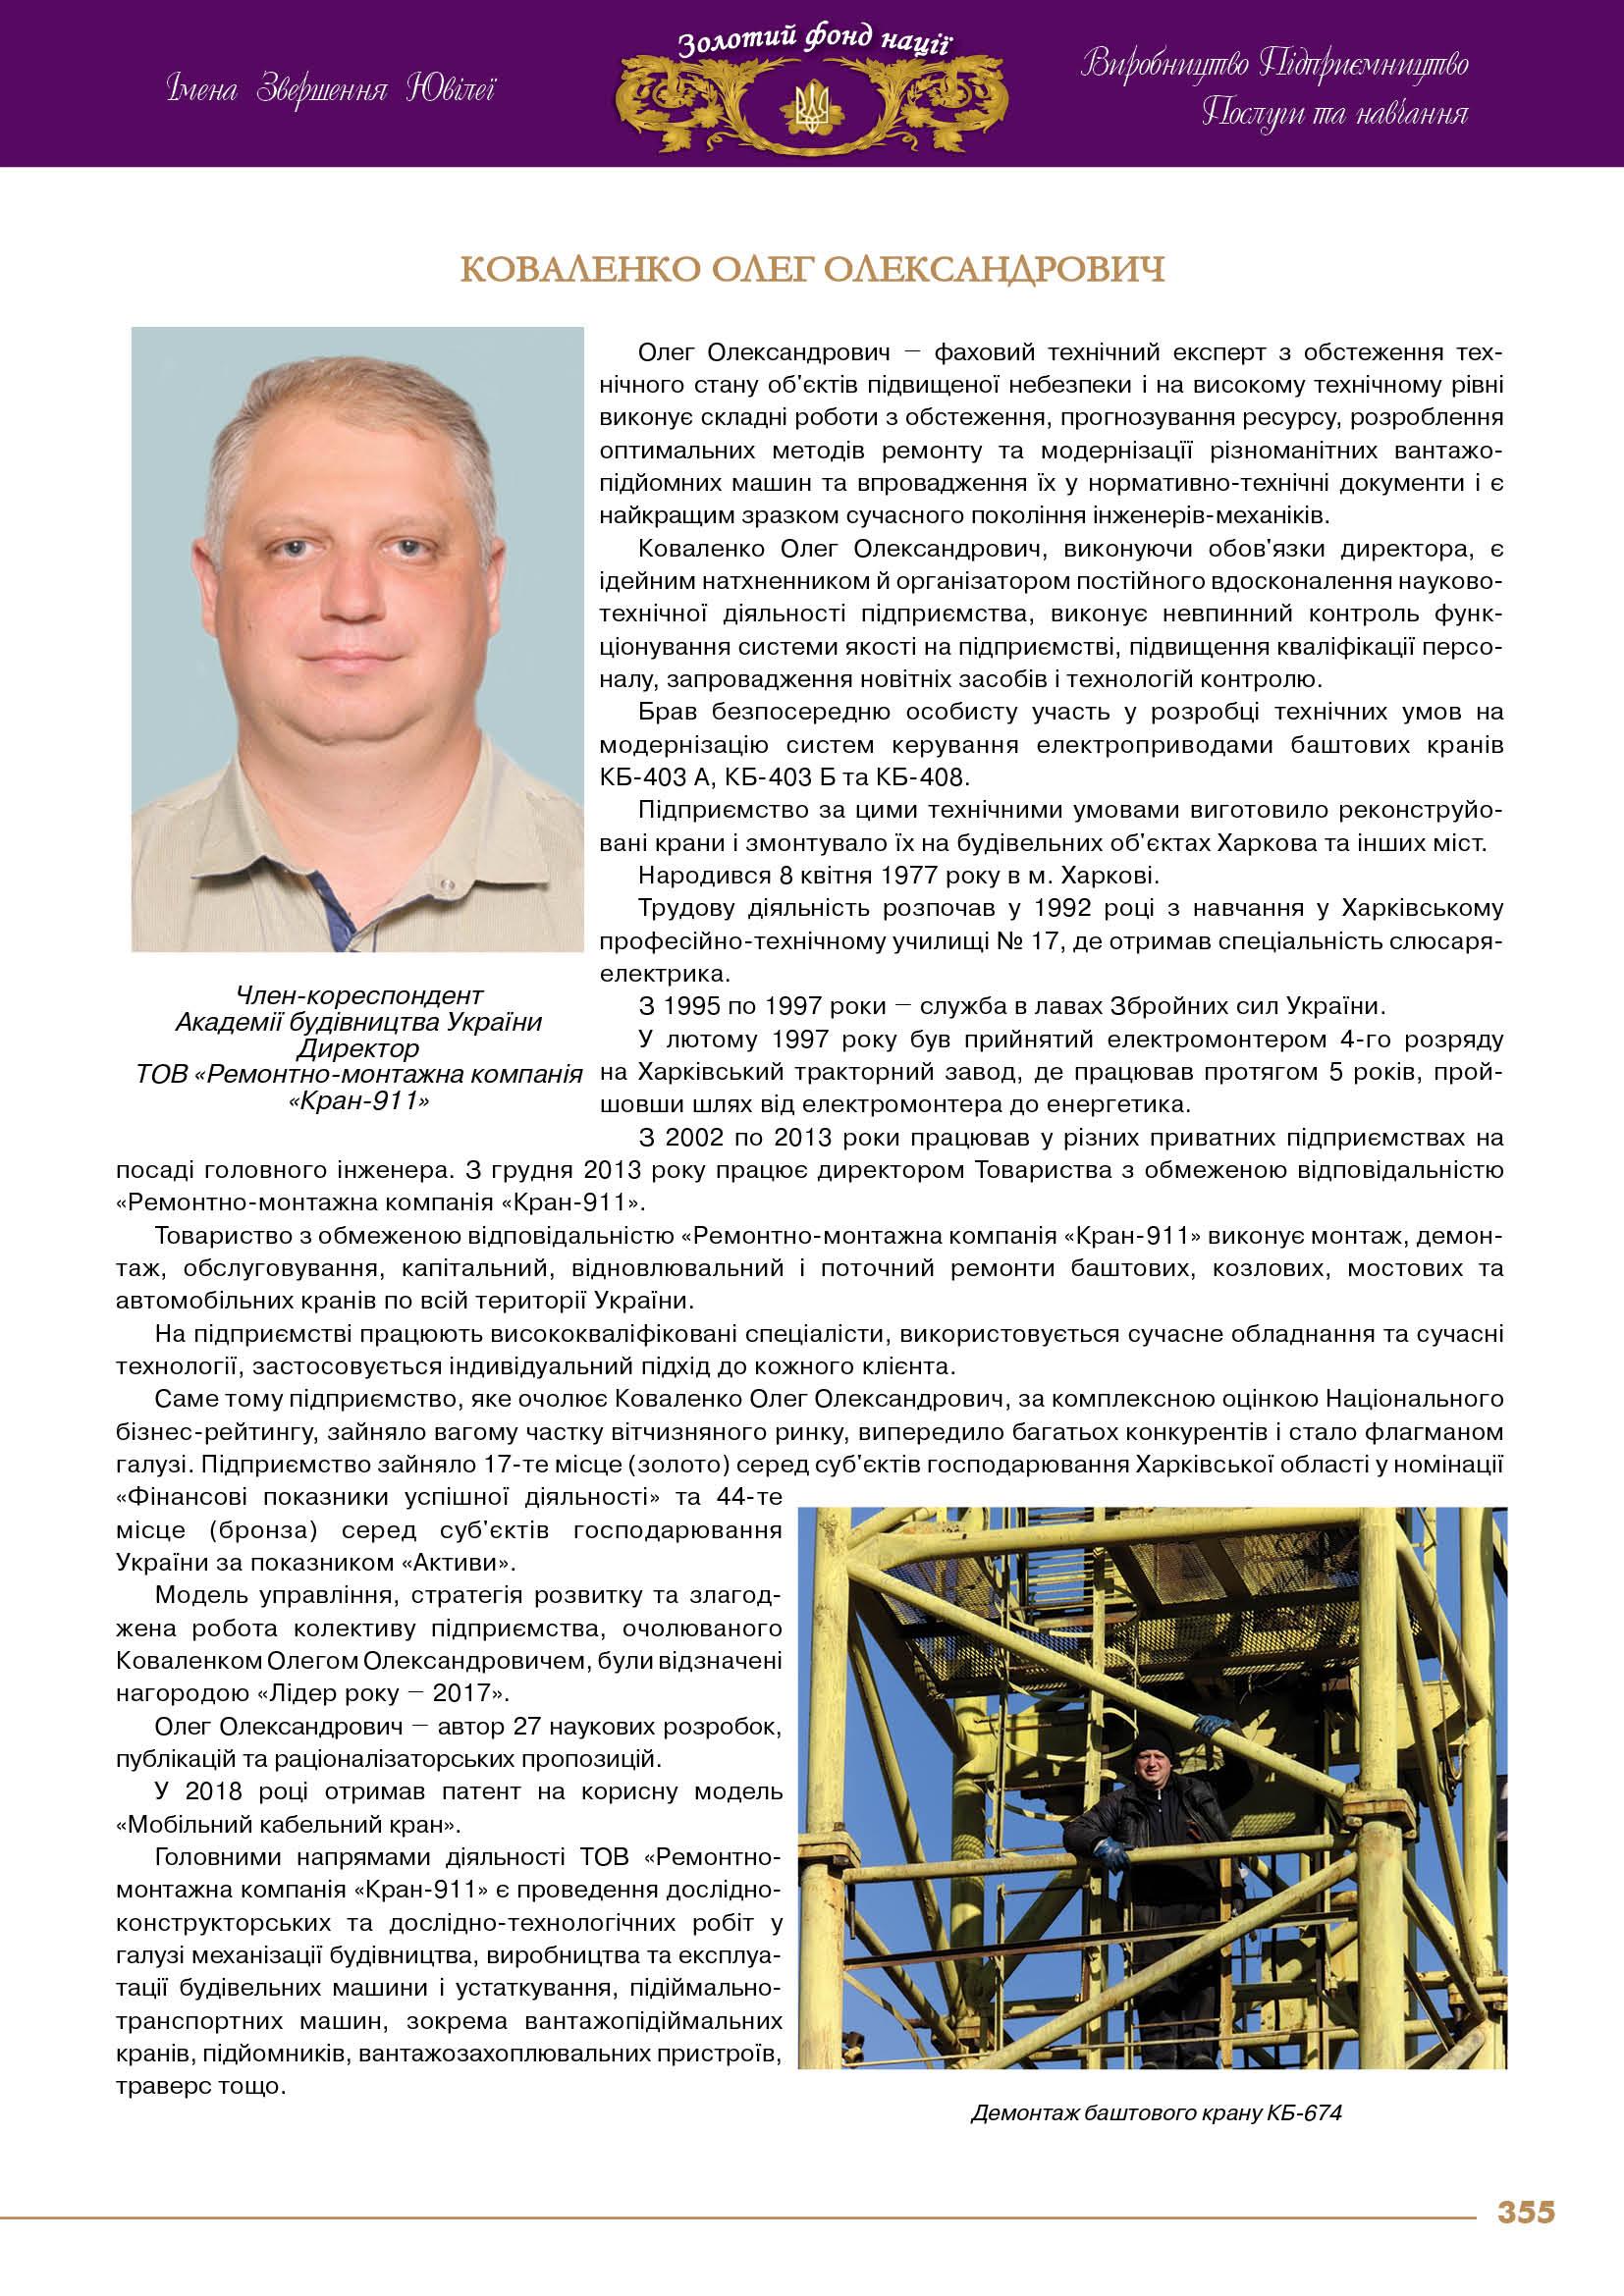 Коваленко Олег Олександрович